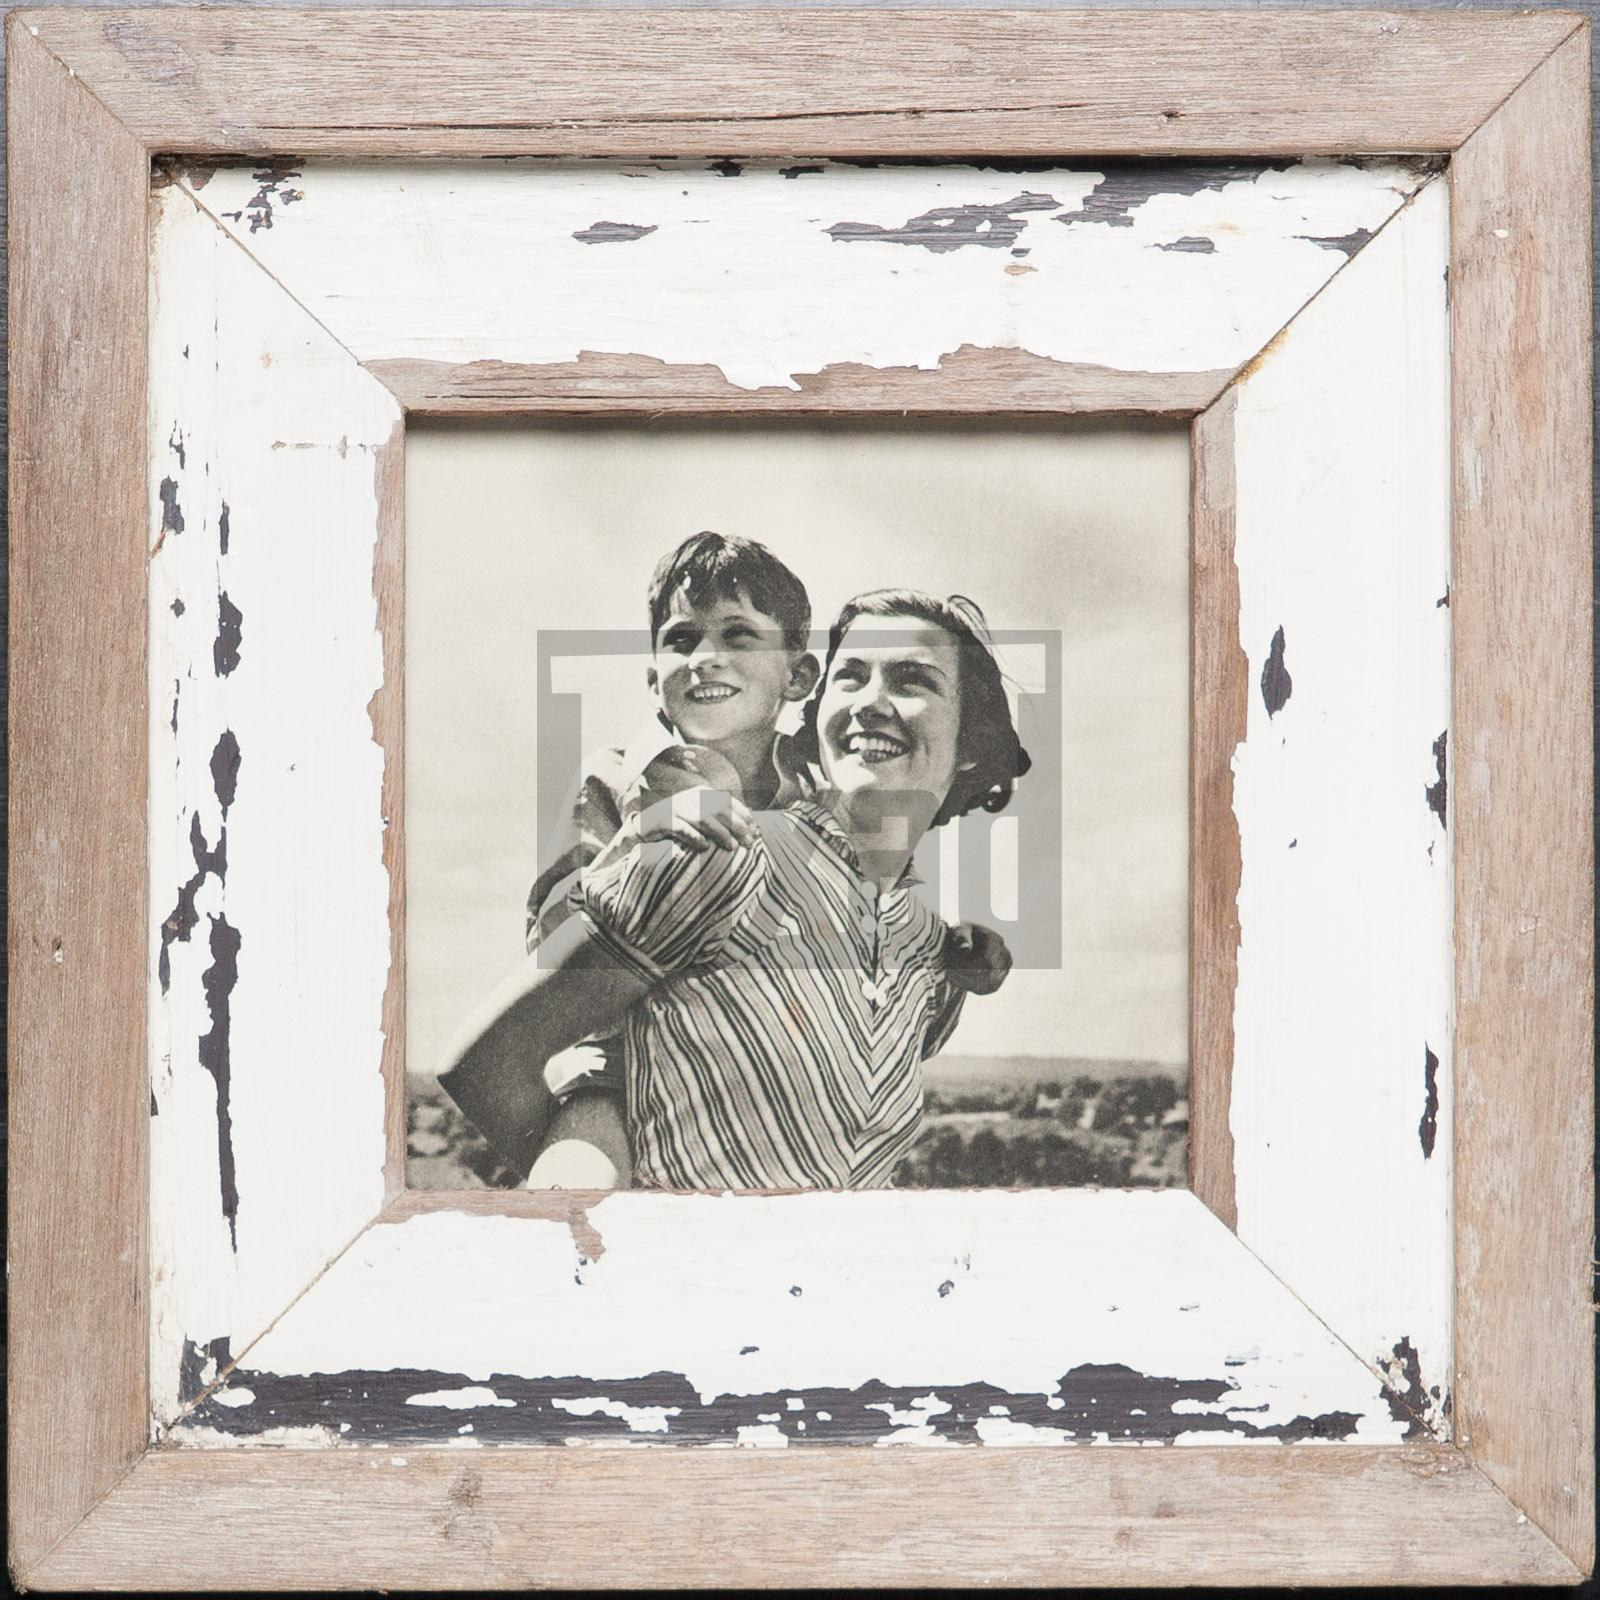 Quadratischer Vintage-Fotorahmen aus recyceltem Holz für dein Lieblingsfoto